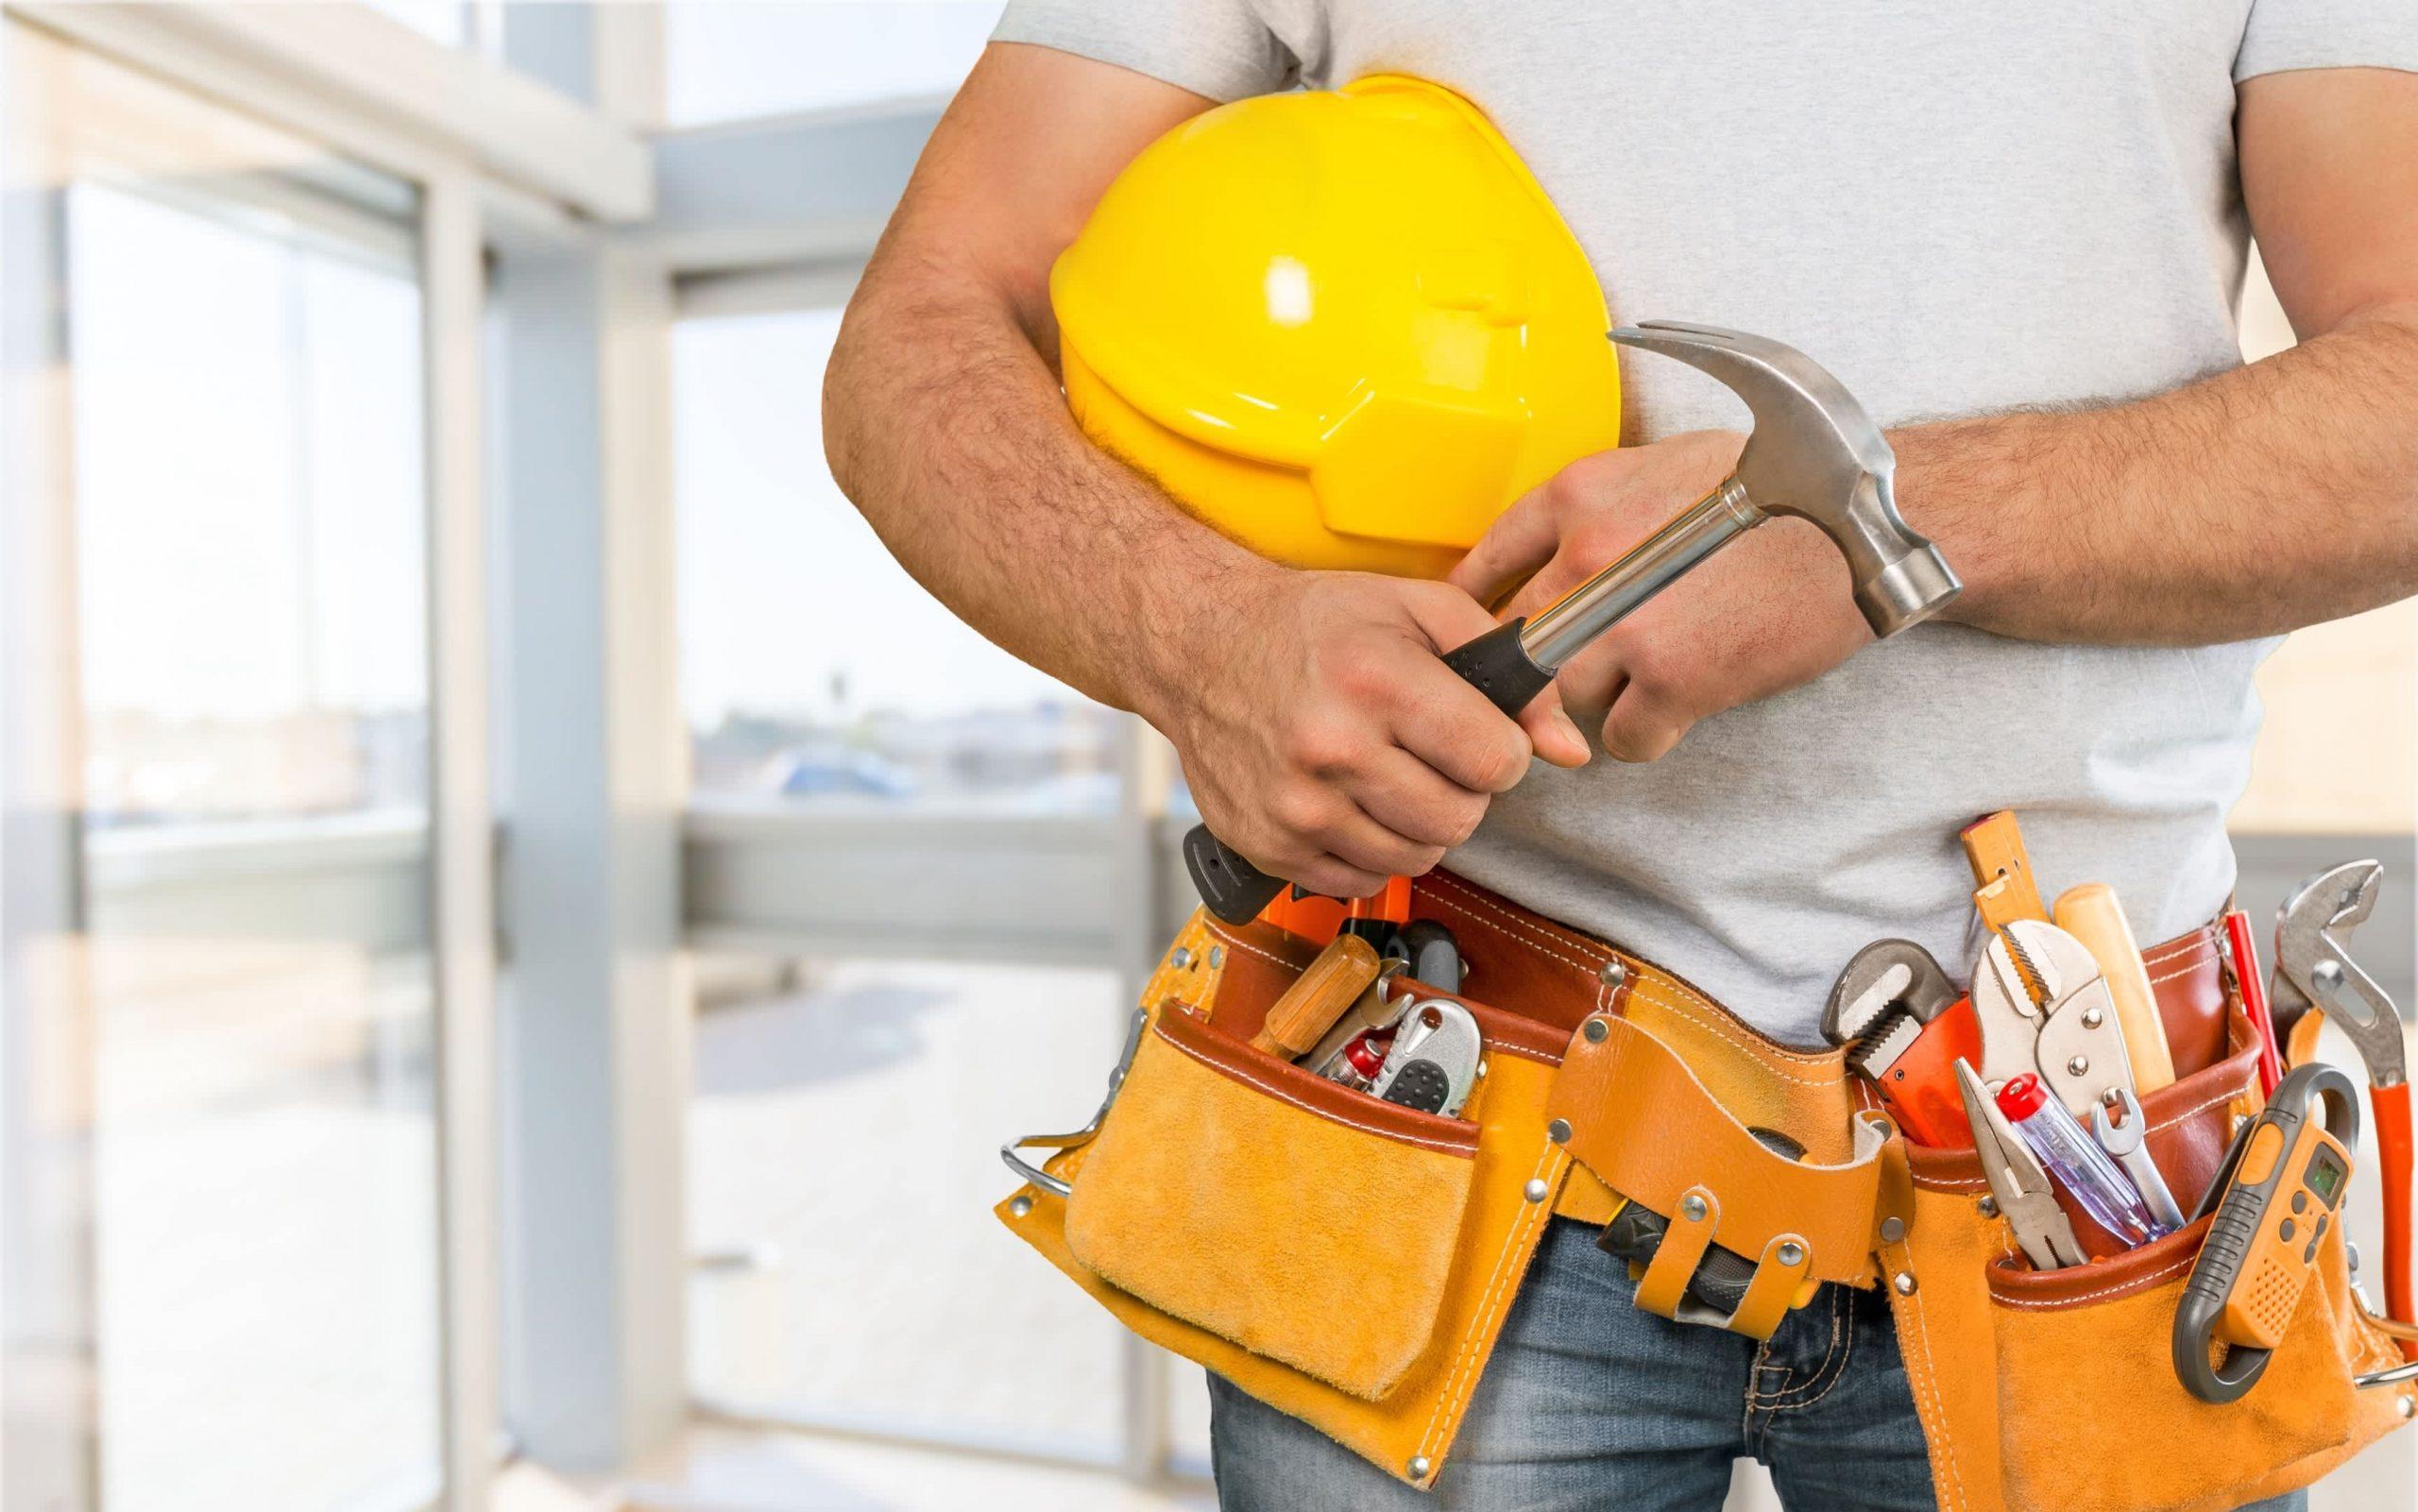 Handyman in Oklahoma City